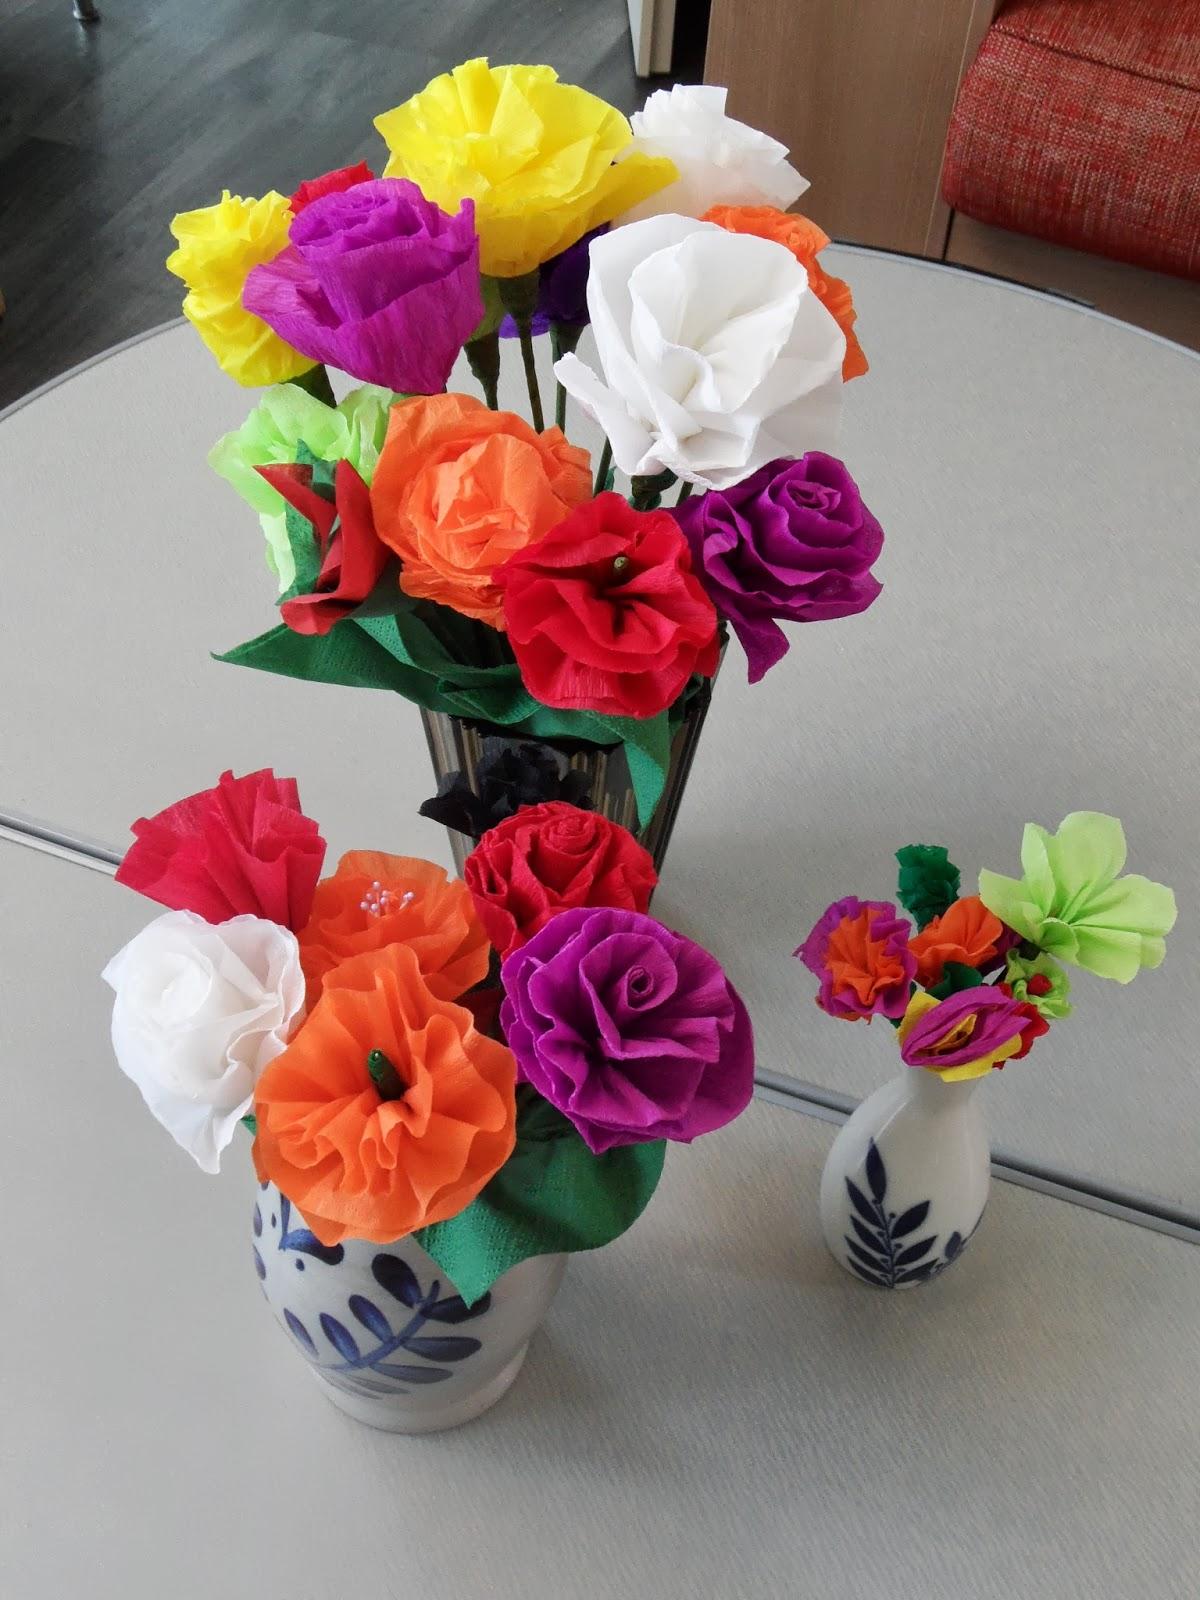 Knutselen bloemen maken met papier of stof gezinsbond heule - Maken van zijn boekenkast ...